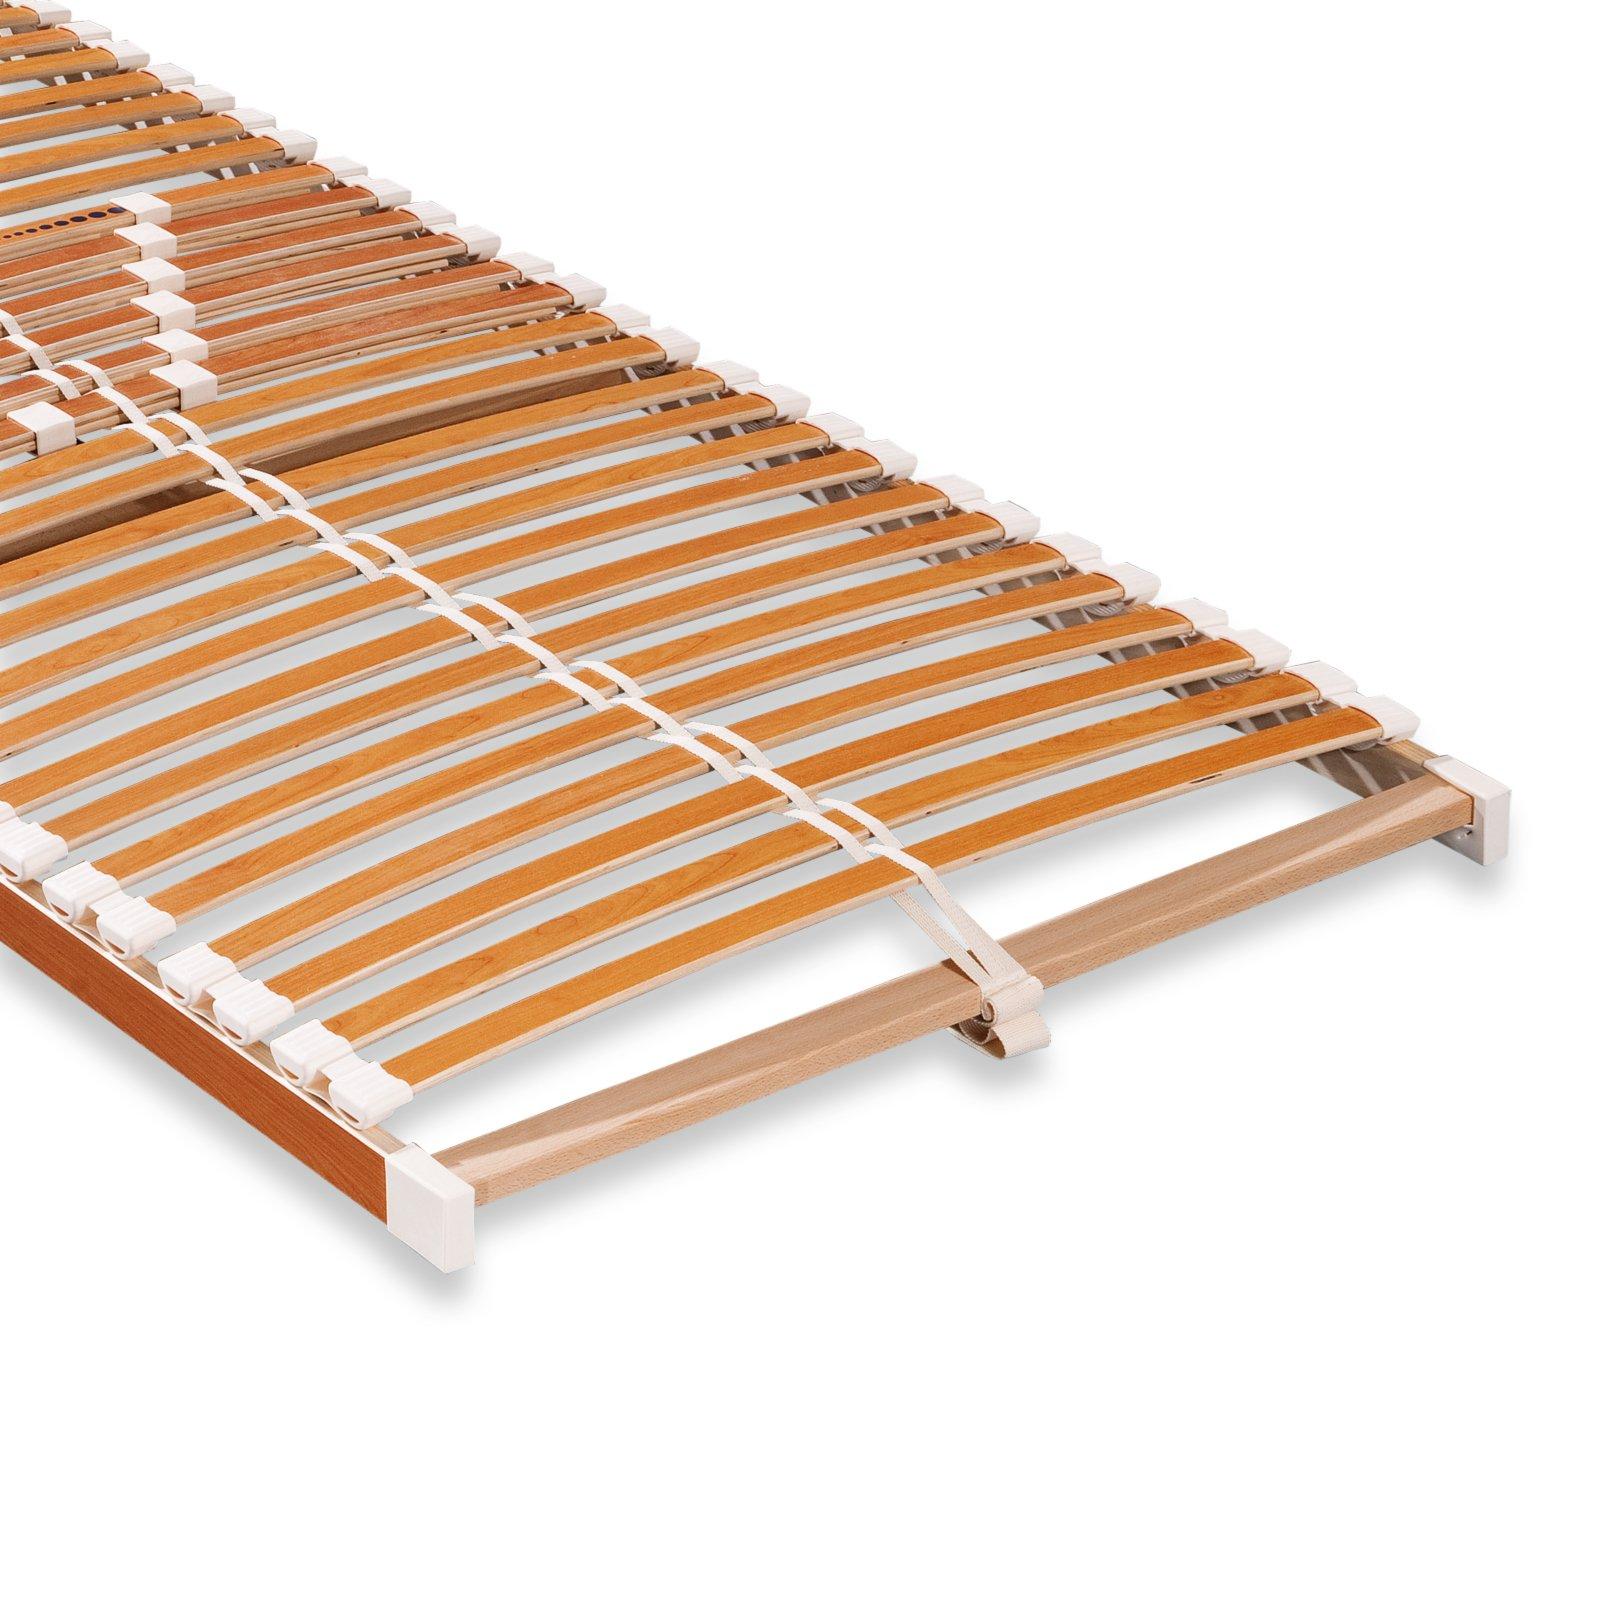 Schlafzimmer Roller : Schlafzimmer » Lattenroste online  MöbelSuchmaschine  ladendirekt